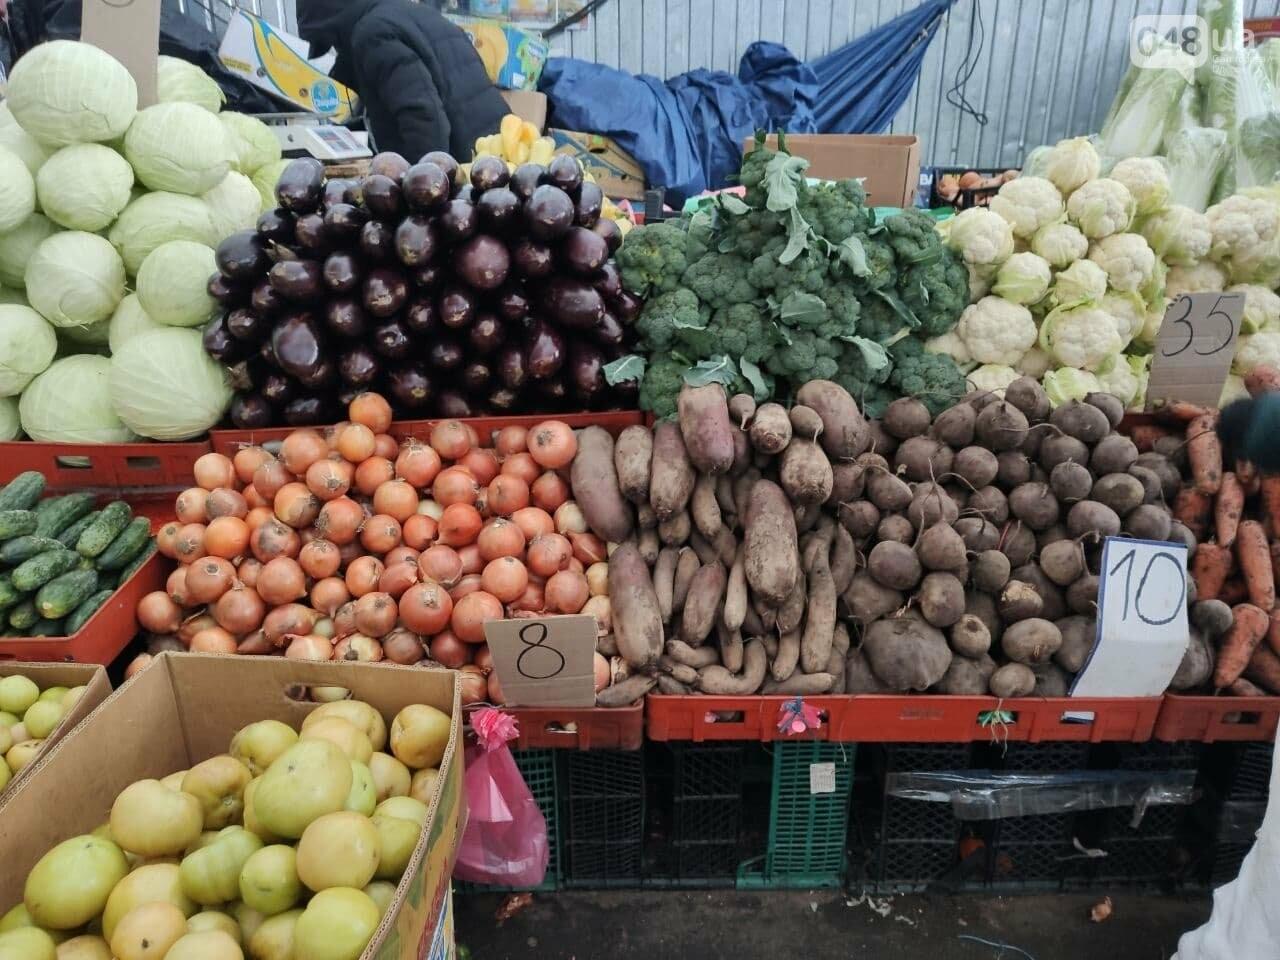 Гранат, лимоны, синенькие: почем на одесском Привозе фрукты и овощи, - ФОТО, фото-2